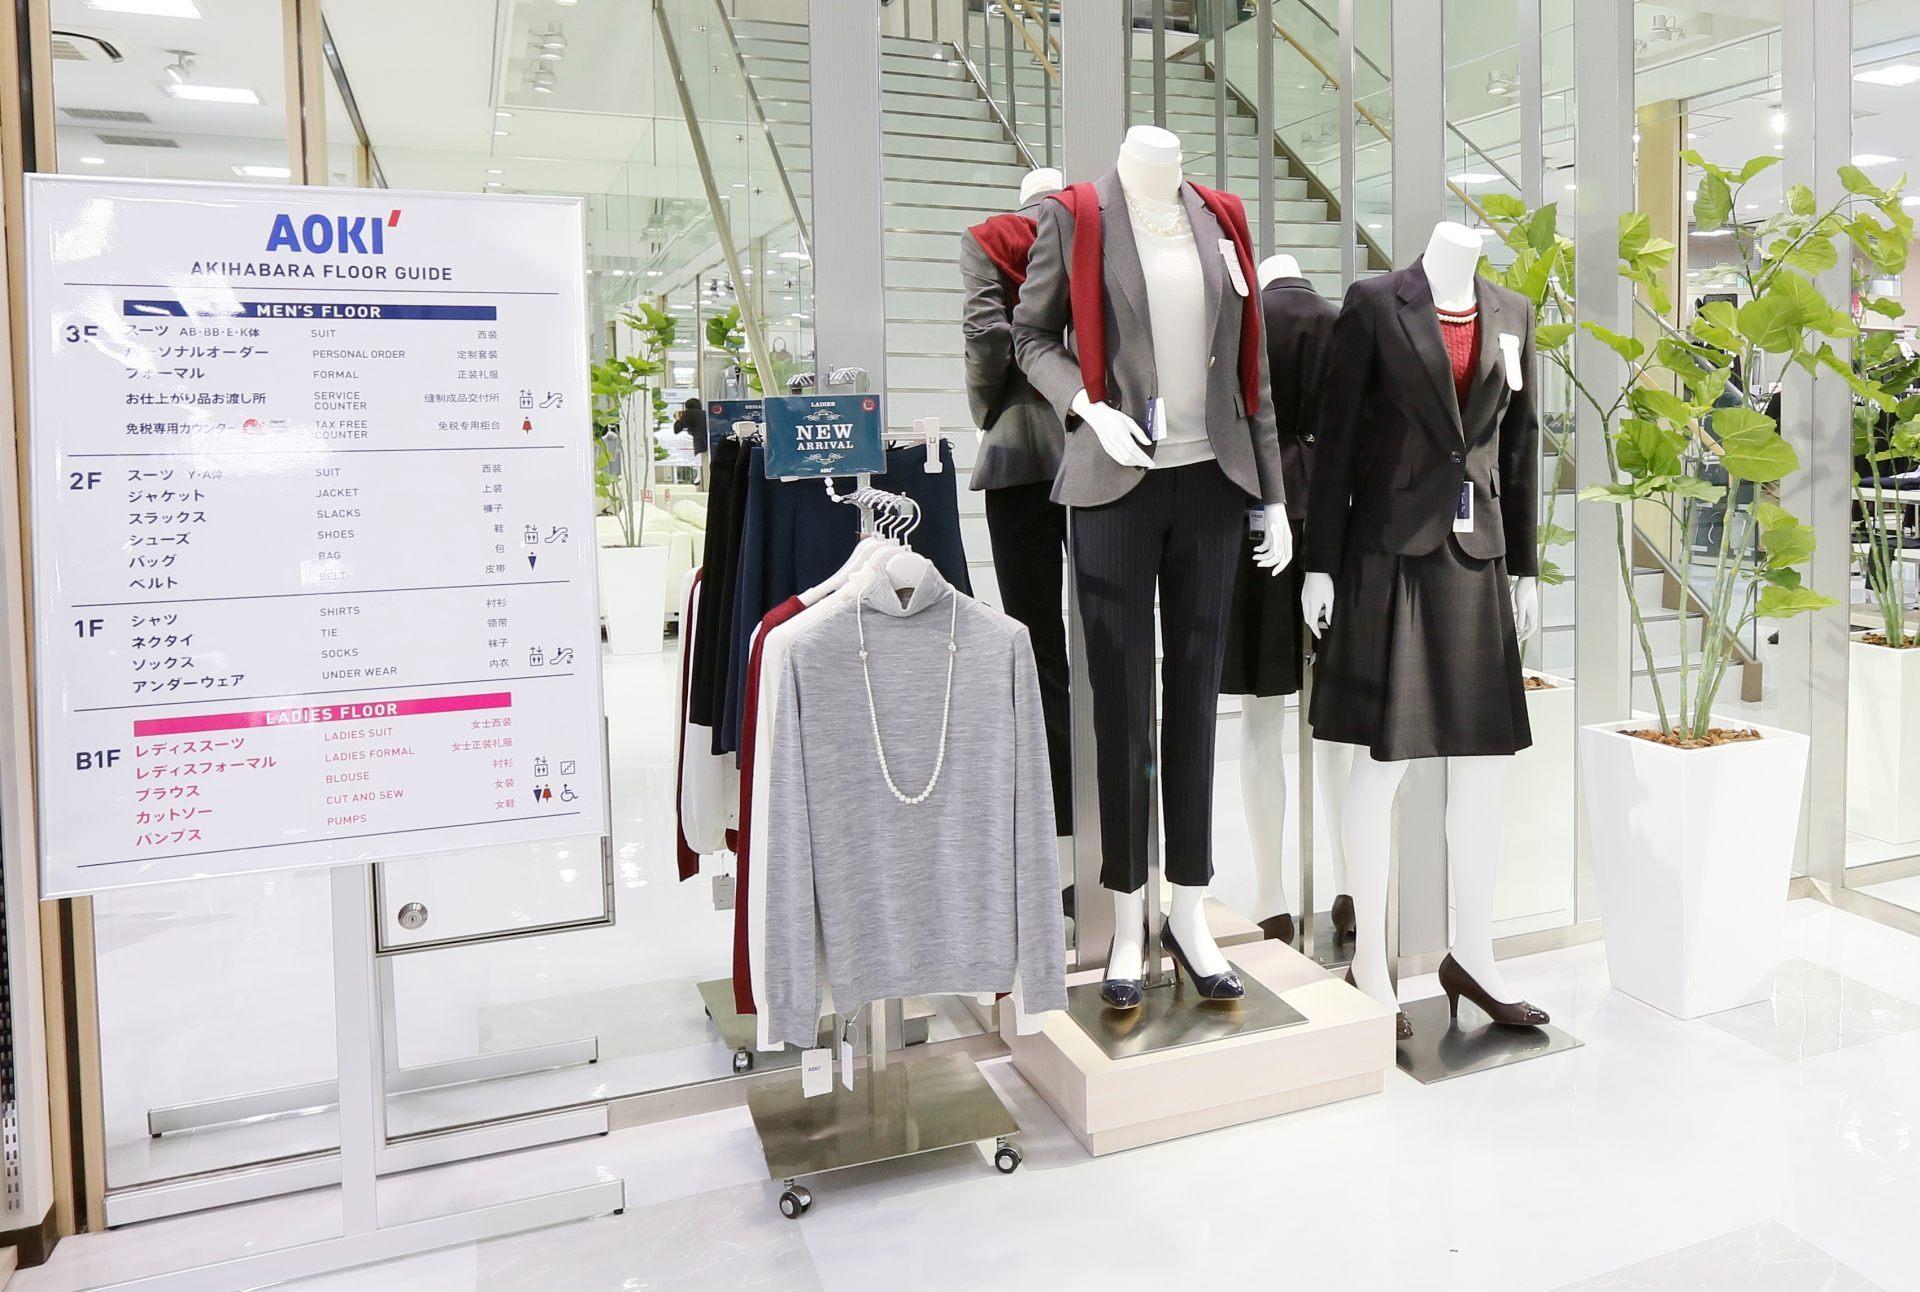 「AOKI」的店铺商品